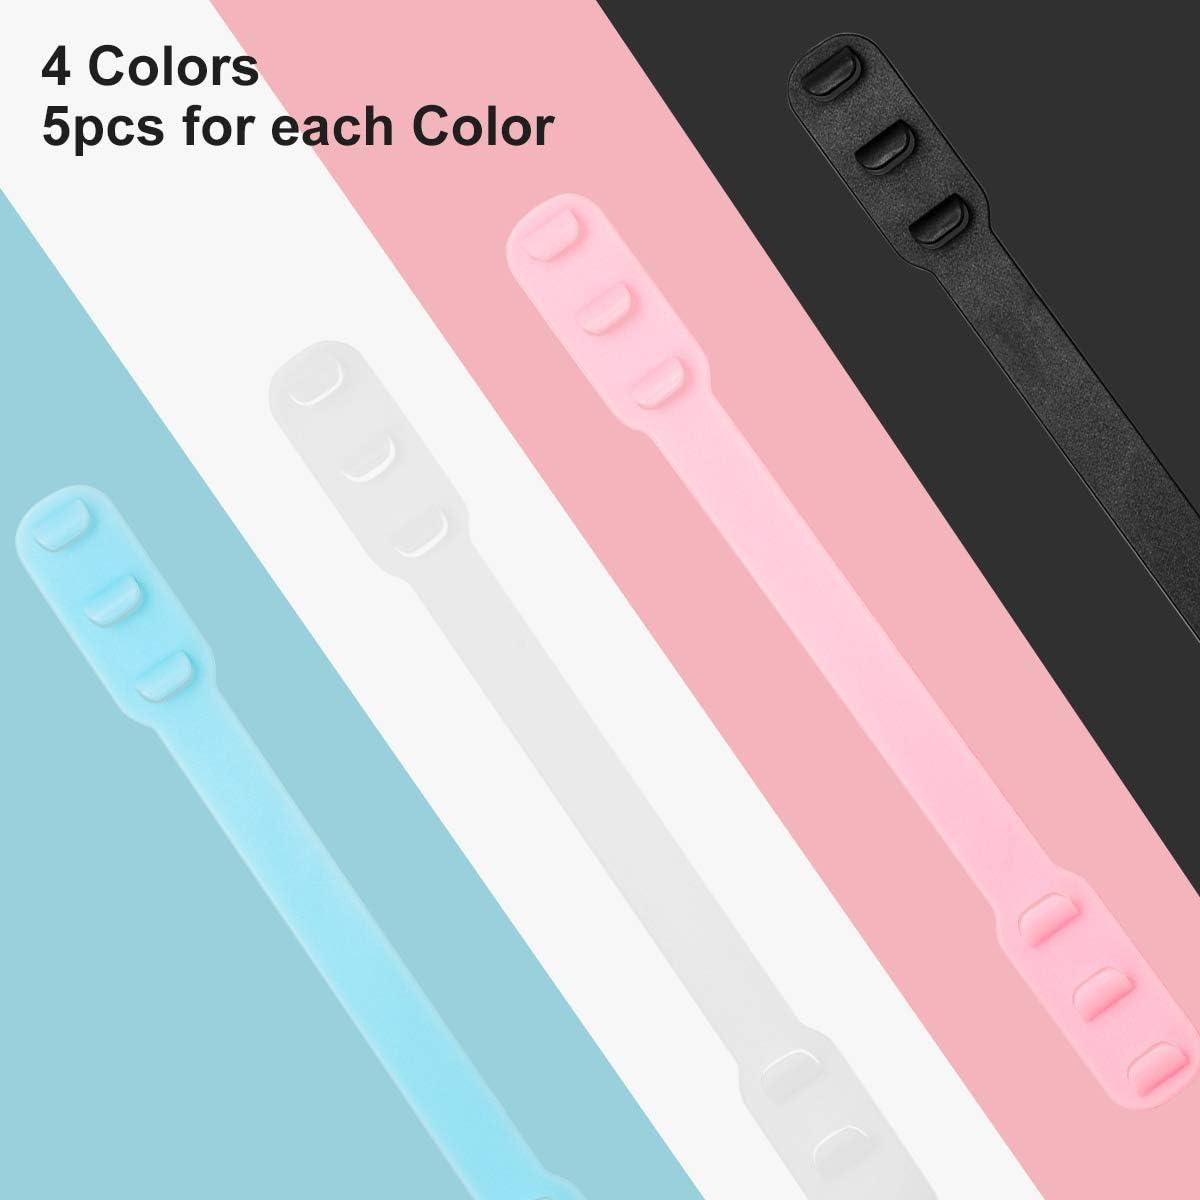 mit Einstellschnallen ZITFRI 20 St/ück Maske Extender verstellbare Maskenhaken Anti-Rutsch Ohrhaken Verl/ängerungsriemen f/ür Maske waschbar 4 Farben Maskenhalter gegen Ohrenschmerzen